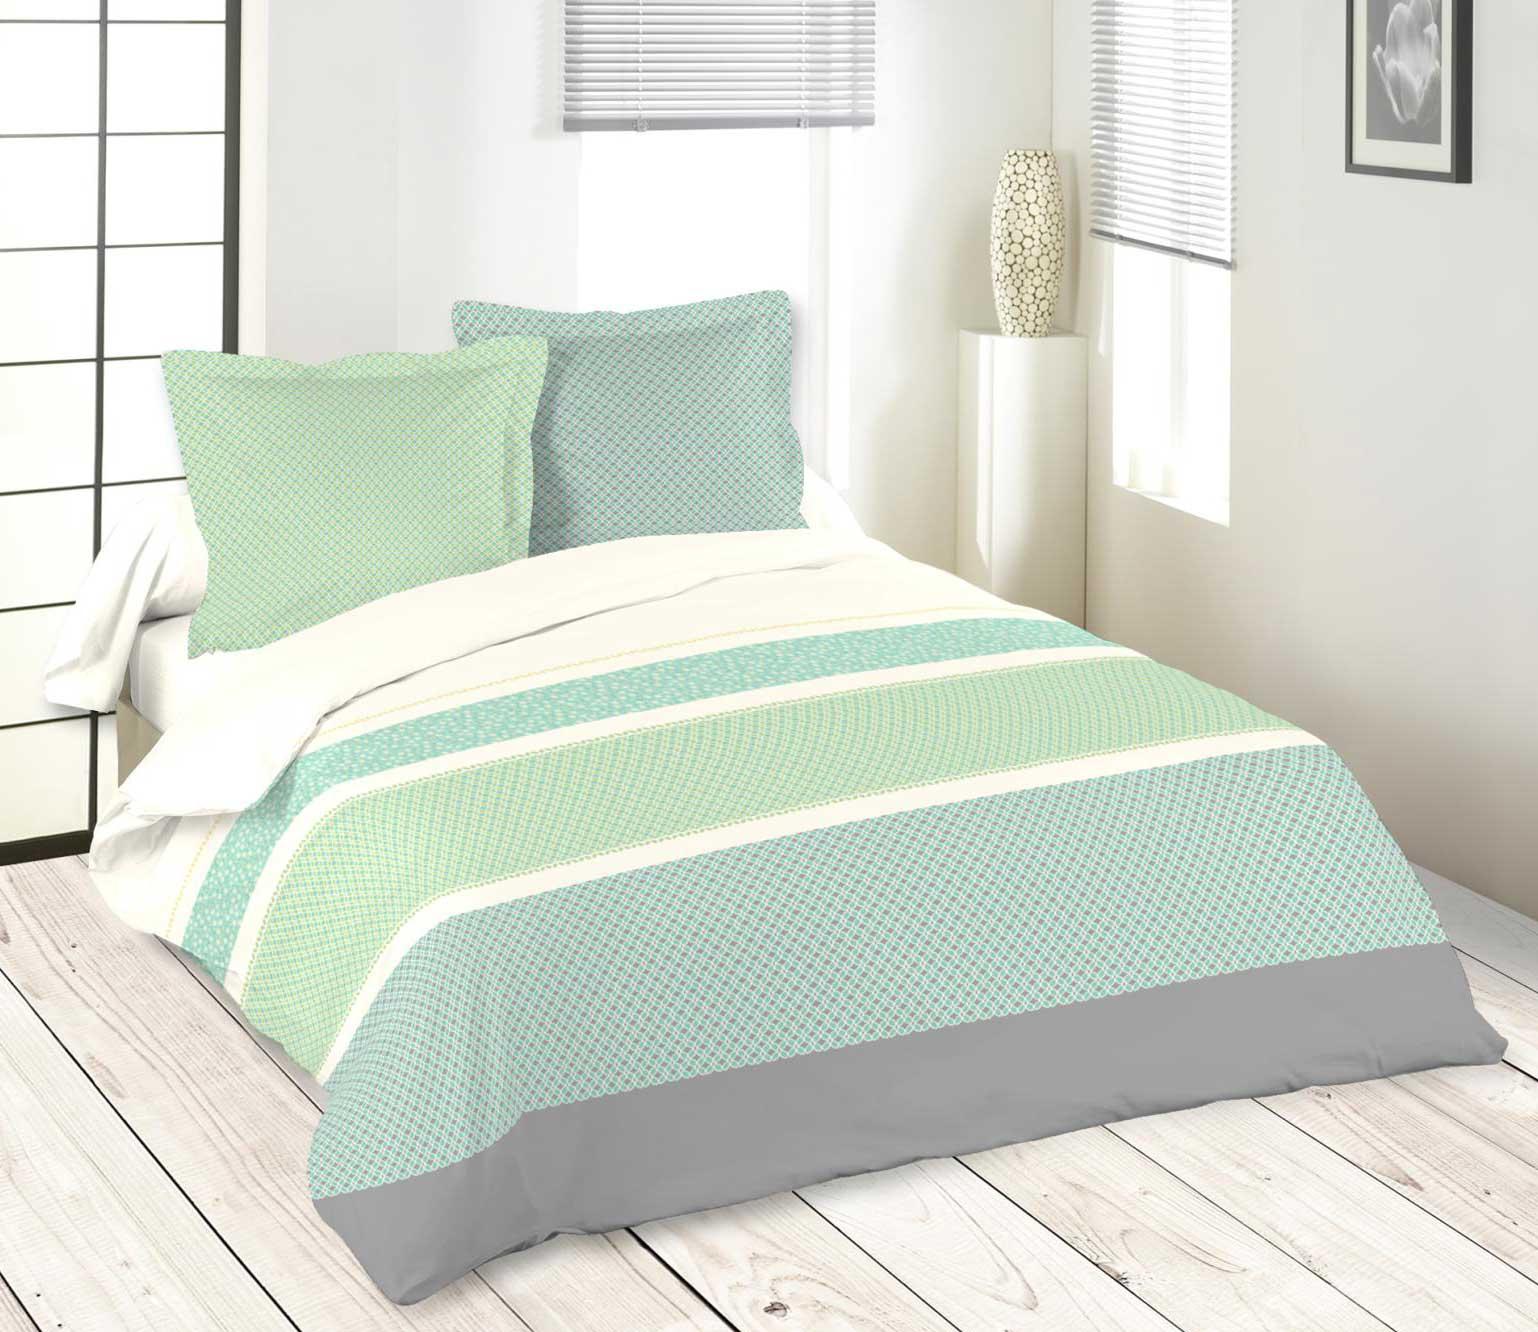 parure de lit graphique rayures vert homemaison. Black Bedroom Furniture Sets. Home Design Ideas